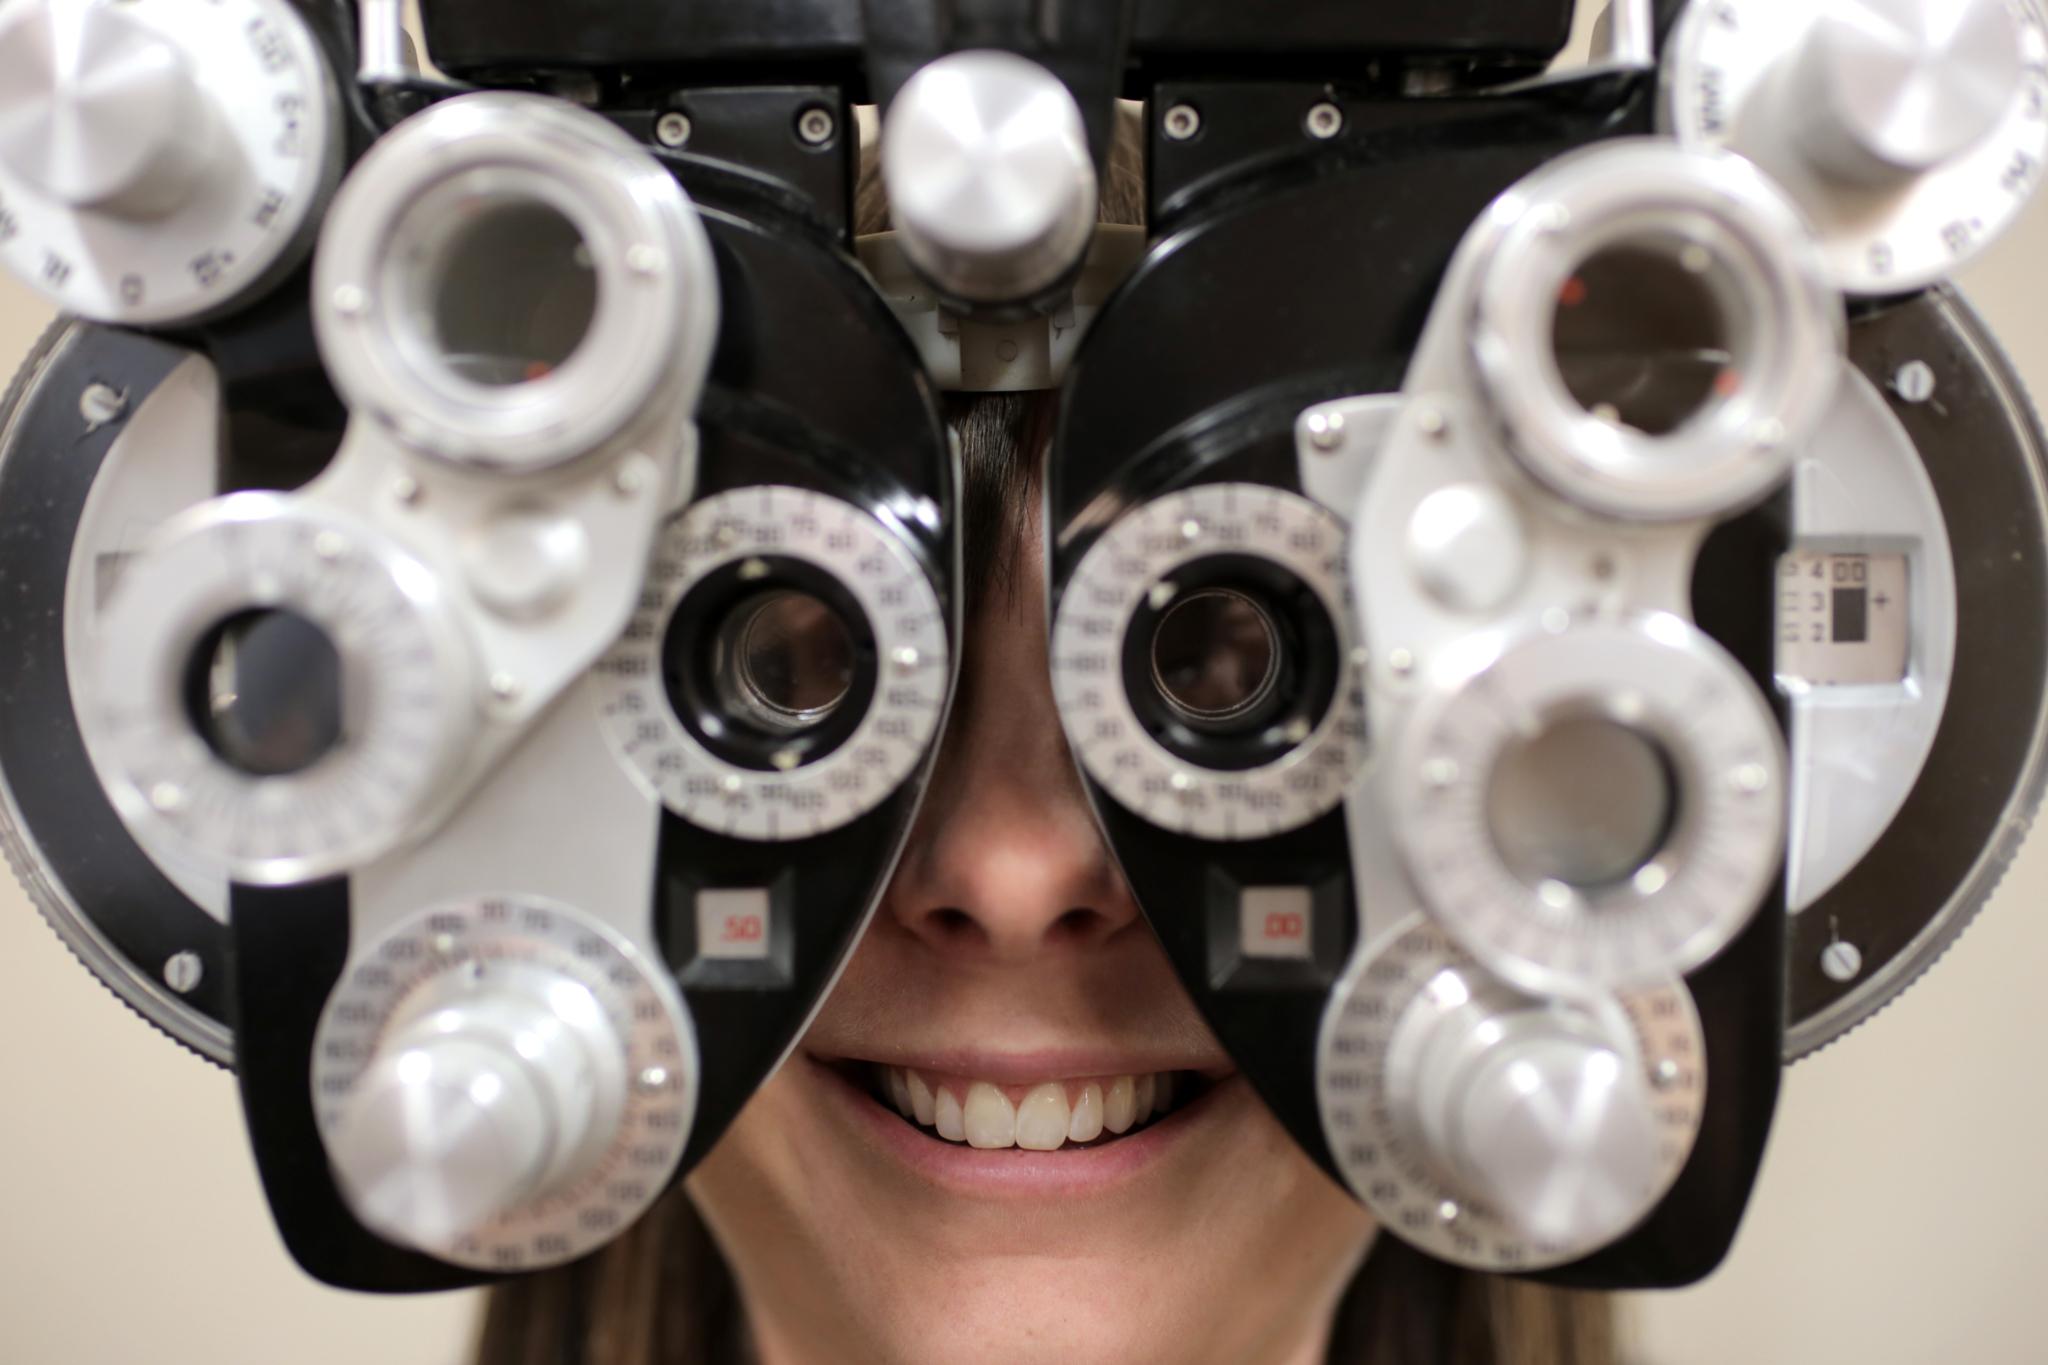 Summit Eyecare in Kamloops